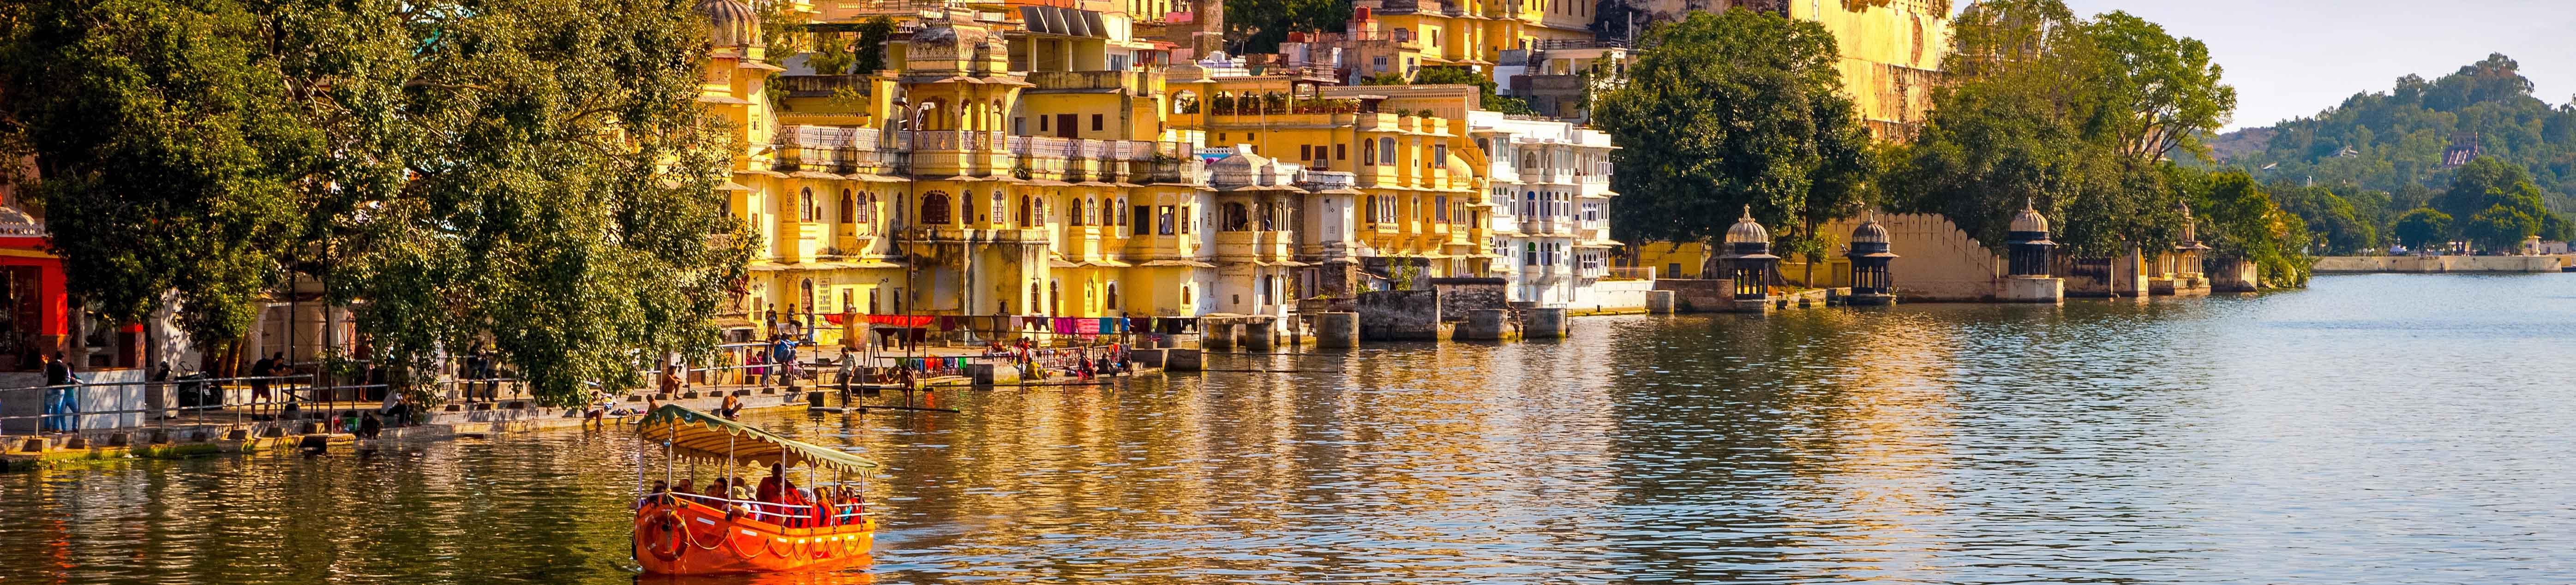 Séjourner dans les hôtels en Inde pour profiter d'un voyage sans souci dans ce pays